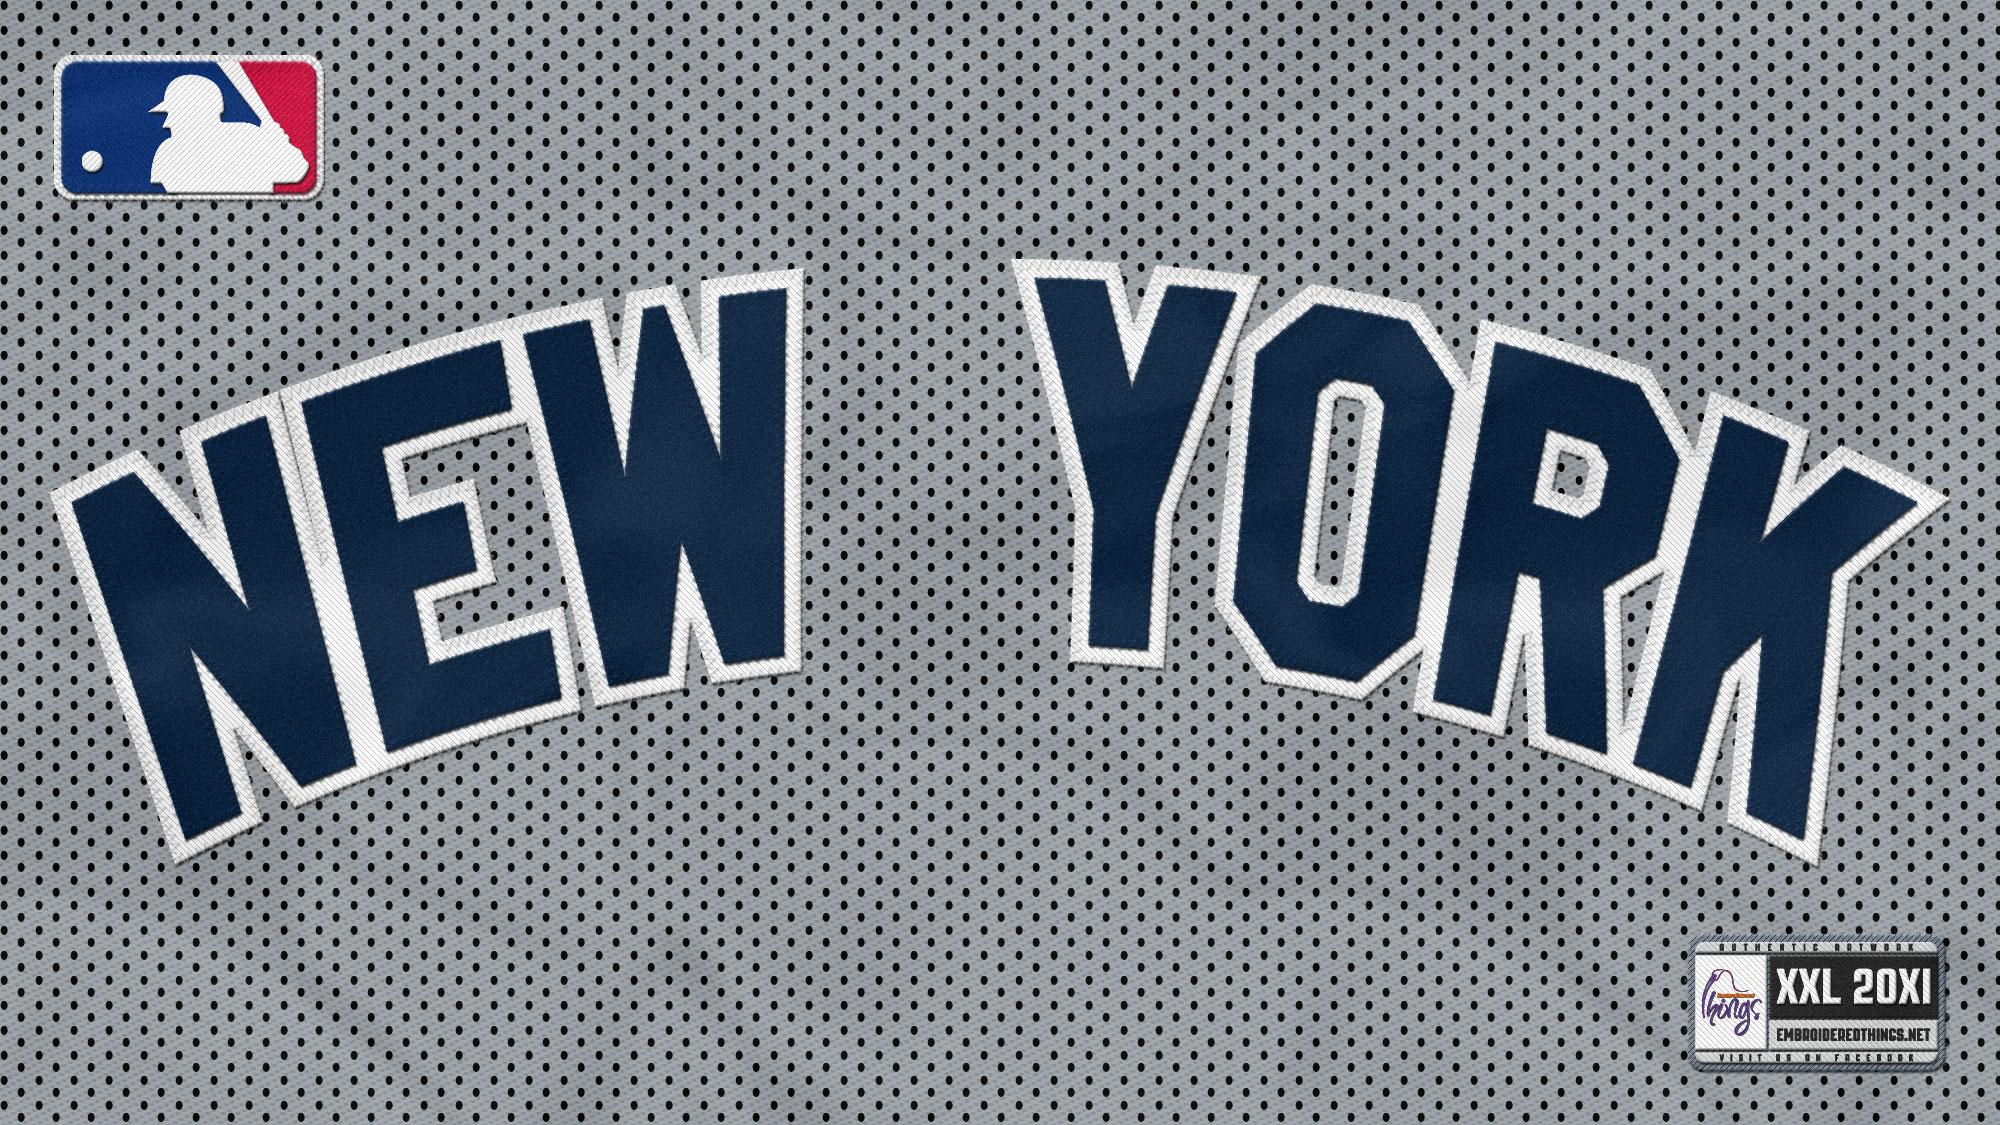 New York Yankees Computer Wallpapers Desktop Backgrounds 2000x1125 2000x1125